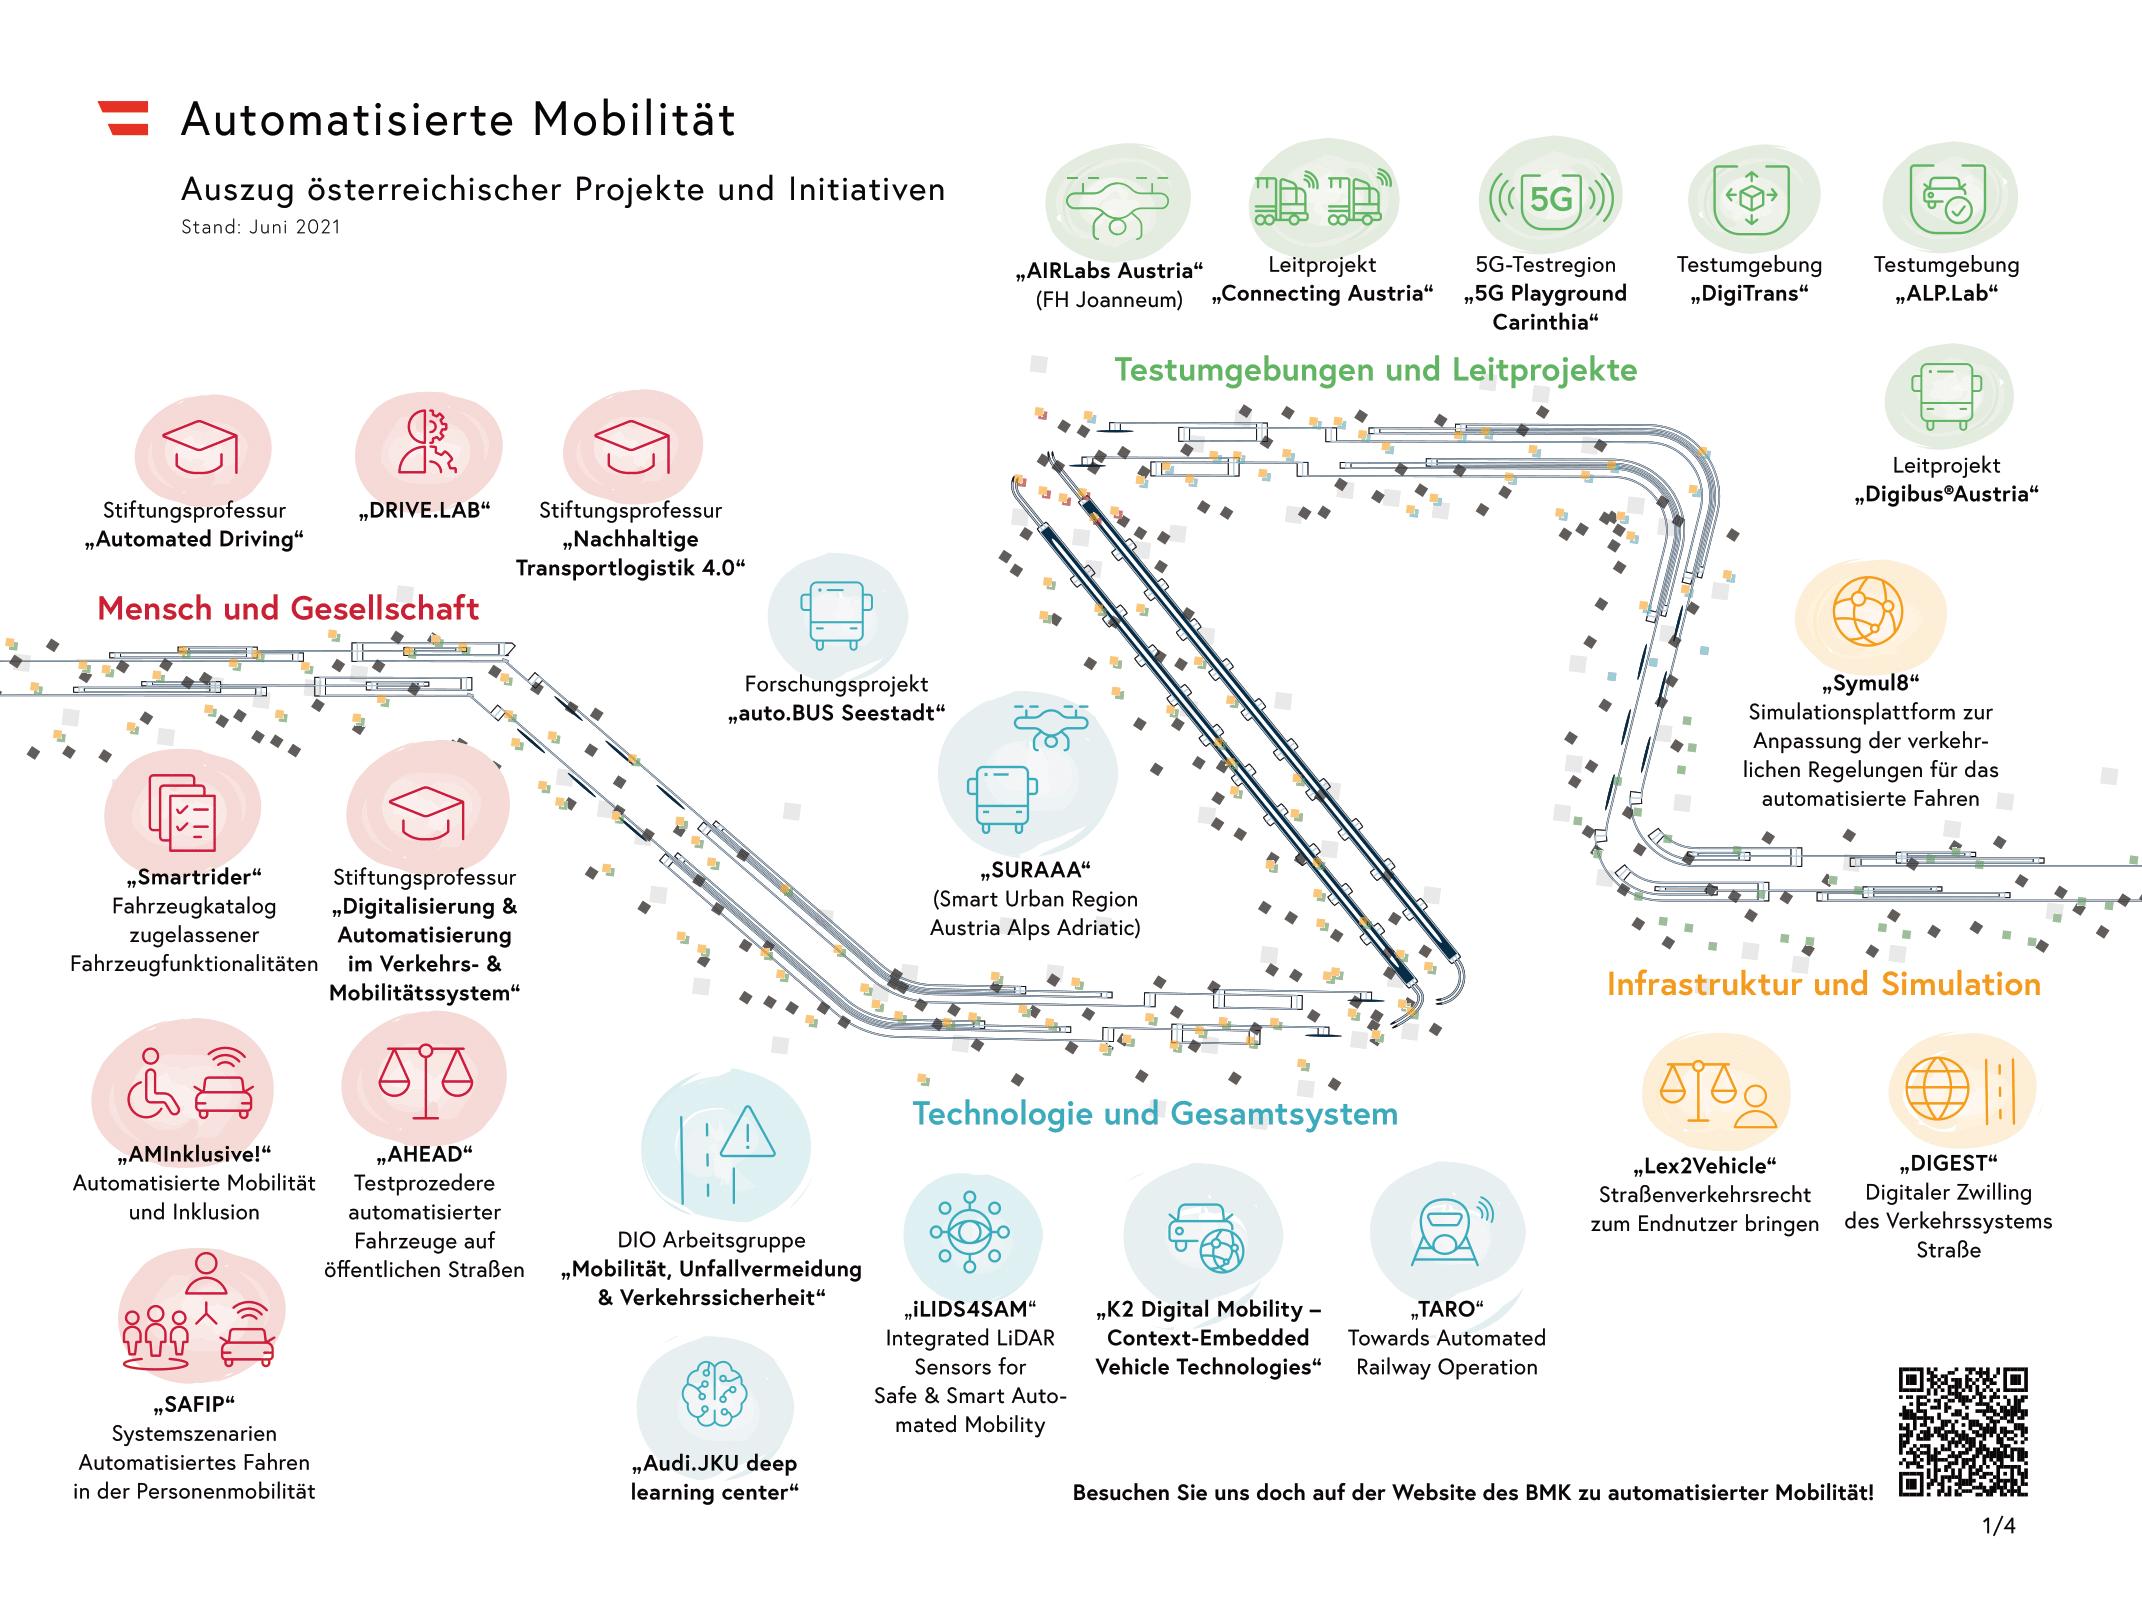 """Die Kompetenzkarte Automatisierte Mobilität zeigt existierende Projekte und Initiativen in Österreich und ihre Verortung in den thematischen Bereichen """"Mensch und Gesellschaft"""", """"Technologien und Gesamtsysteme"""", """"Testumgebungen und Leitprojekte"""" sowie """"Infrastruktur und Simulation""""."""